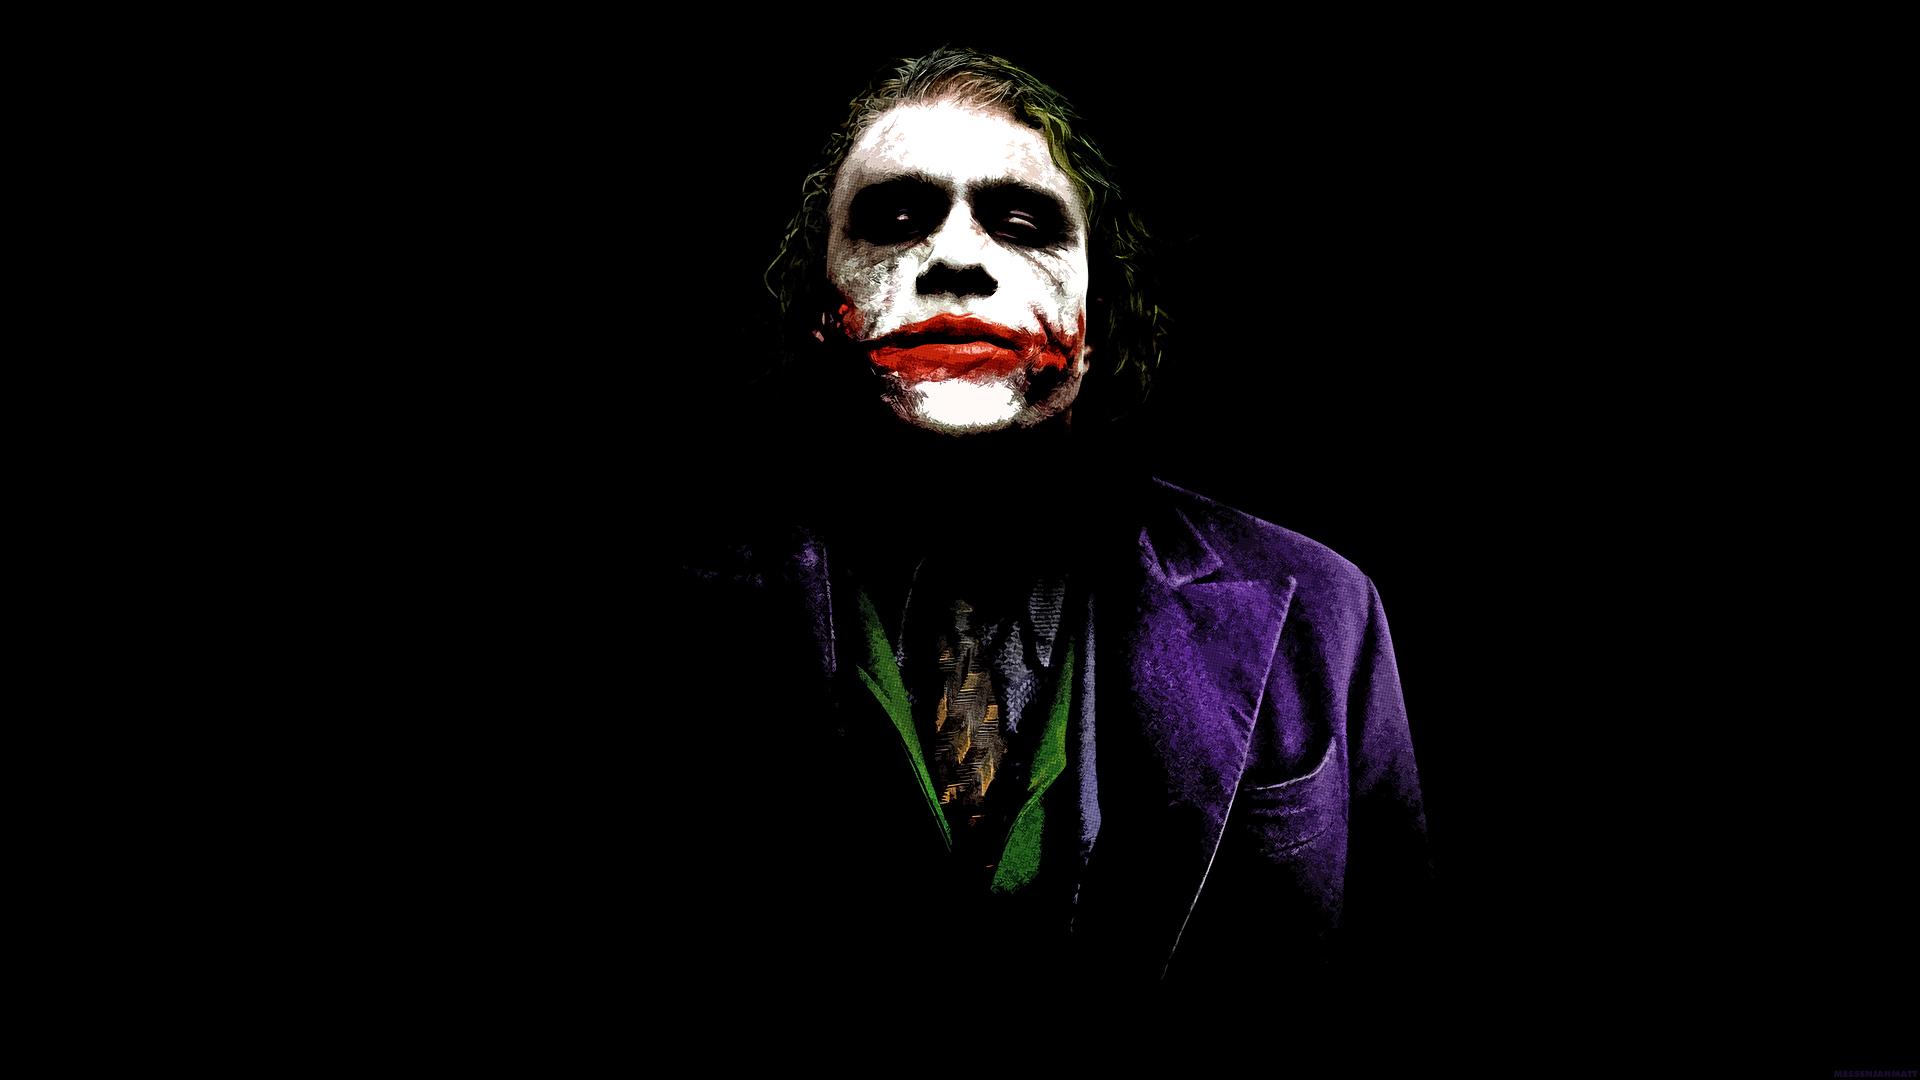 The Joker images joker HD wallpaper and background photos 28092878 1920x1080